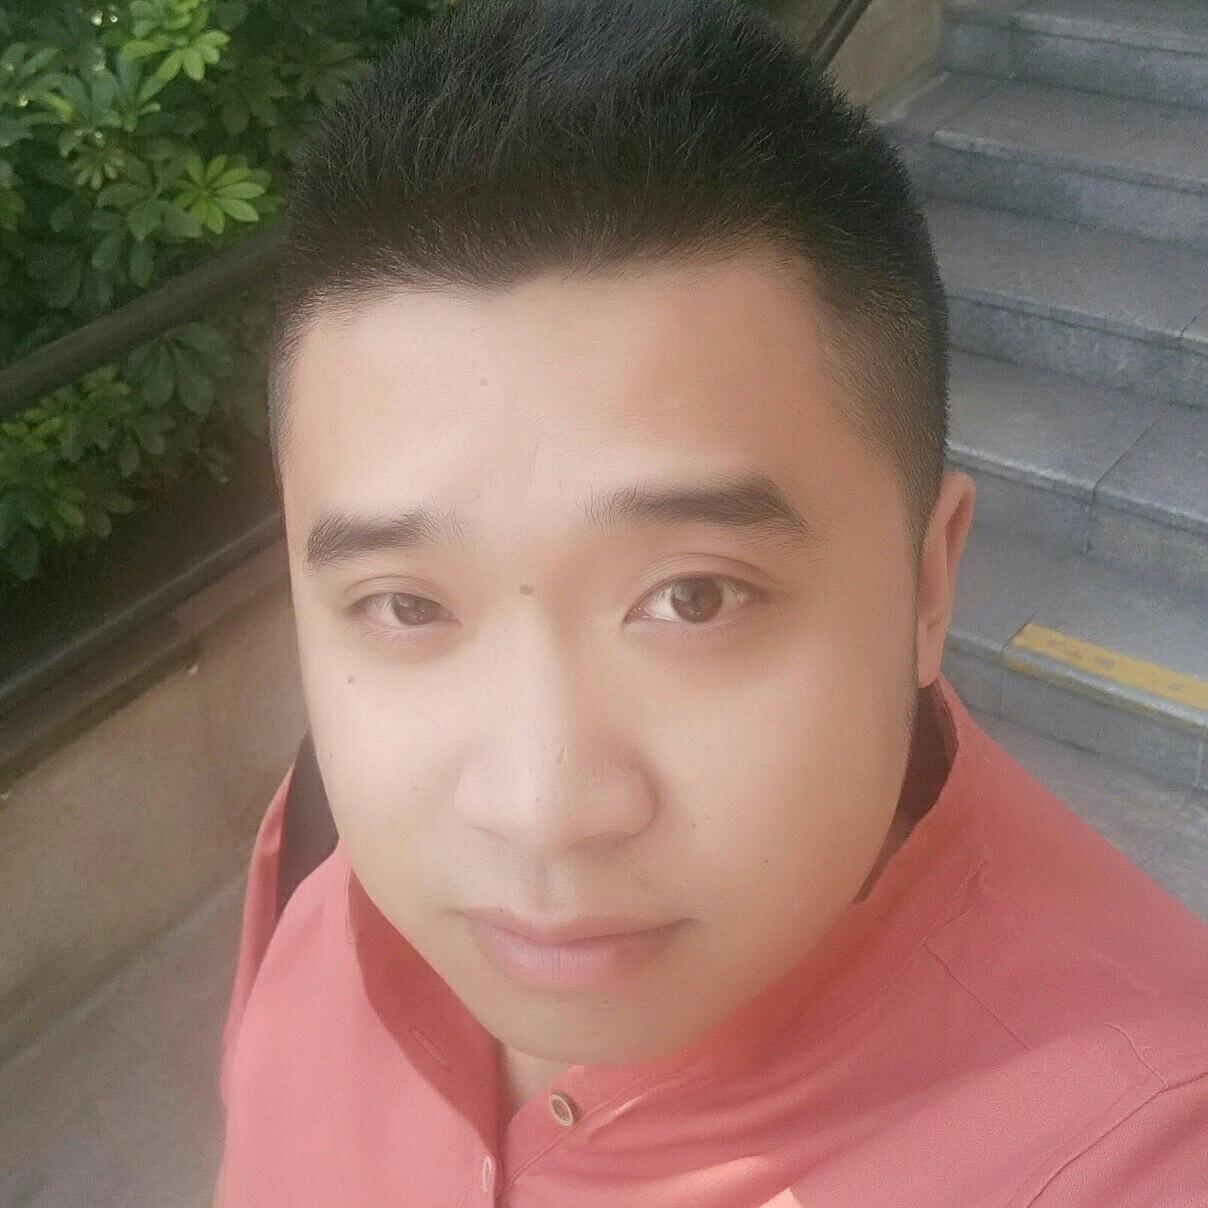 四川海瑞健康管理有限公司总监陈伟浩照片